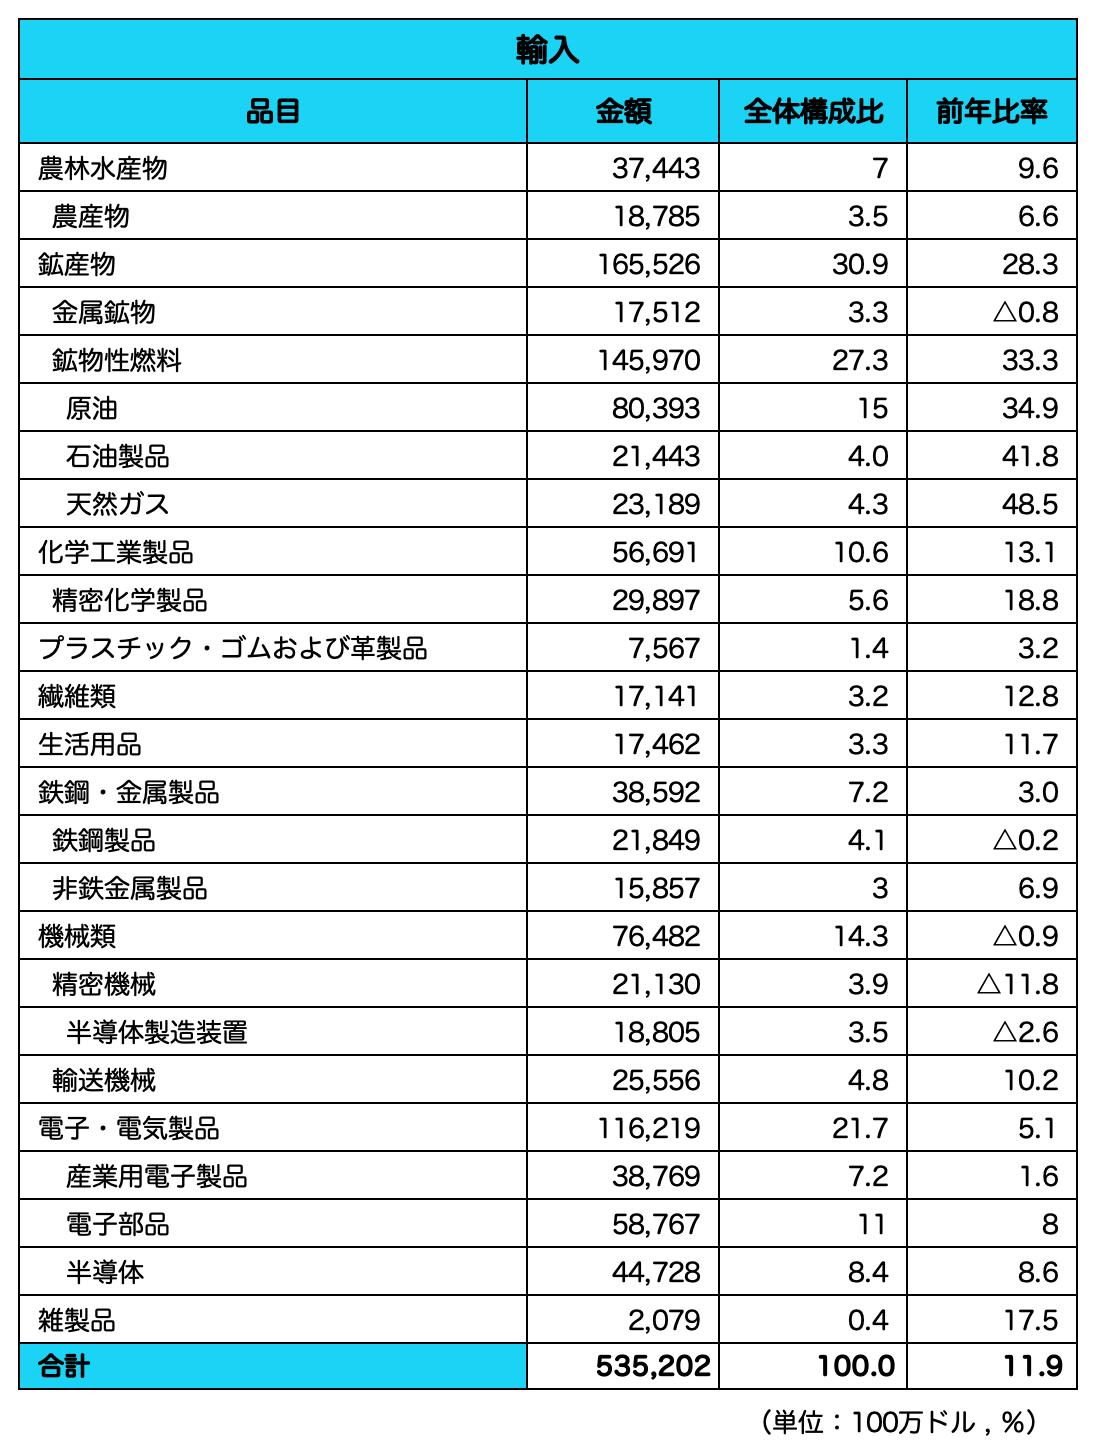 韓国_輸入品目